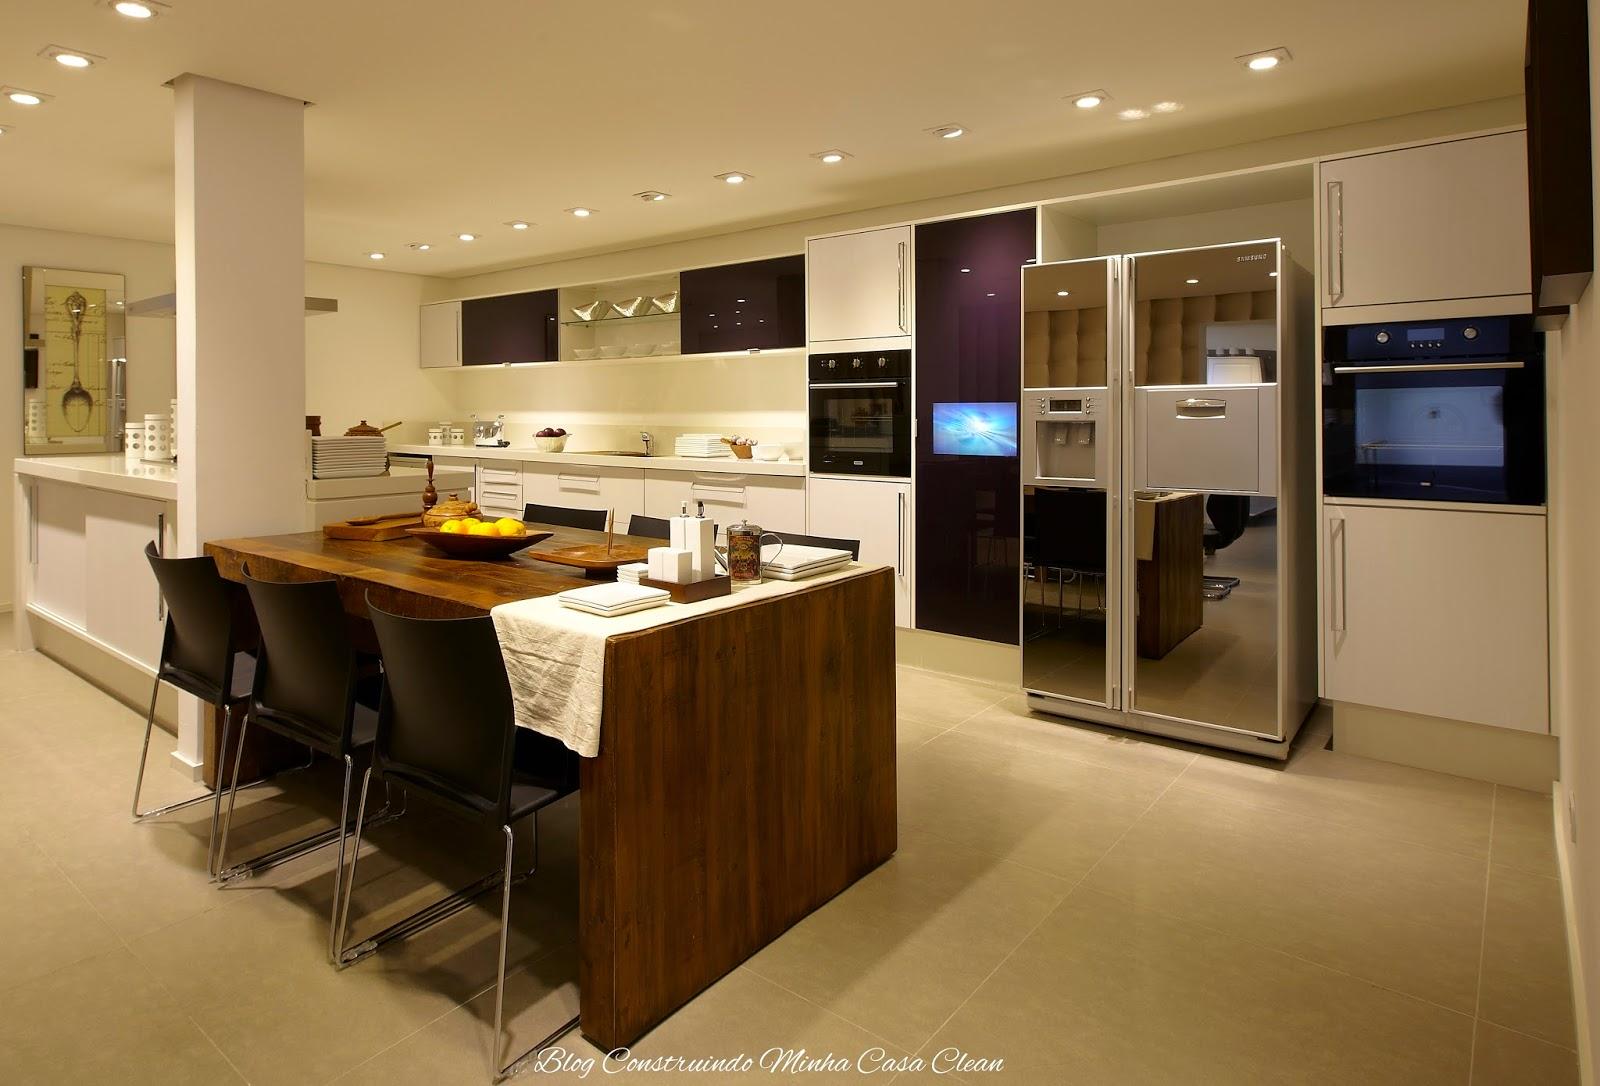 #2C1B0A Construindo Minha Casa Clean: TVs Embutida em Vidros Espelhos e  182 Janelas De Vidro Na Cozinha